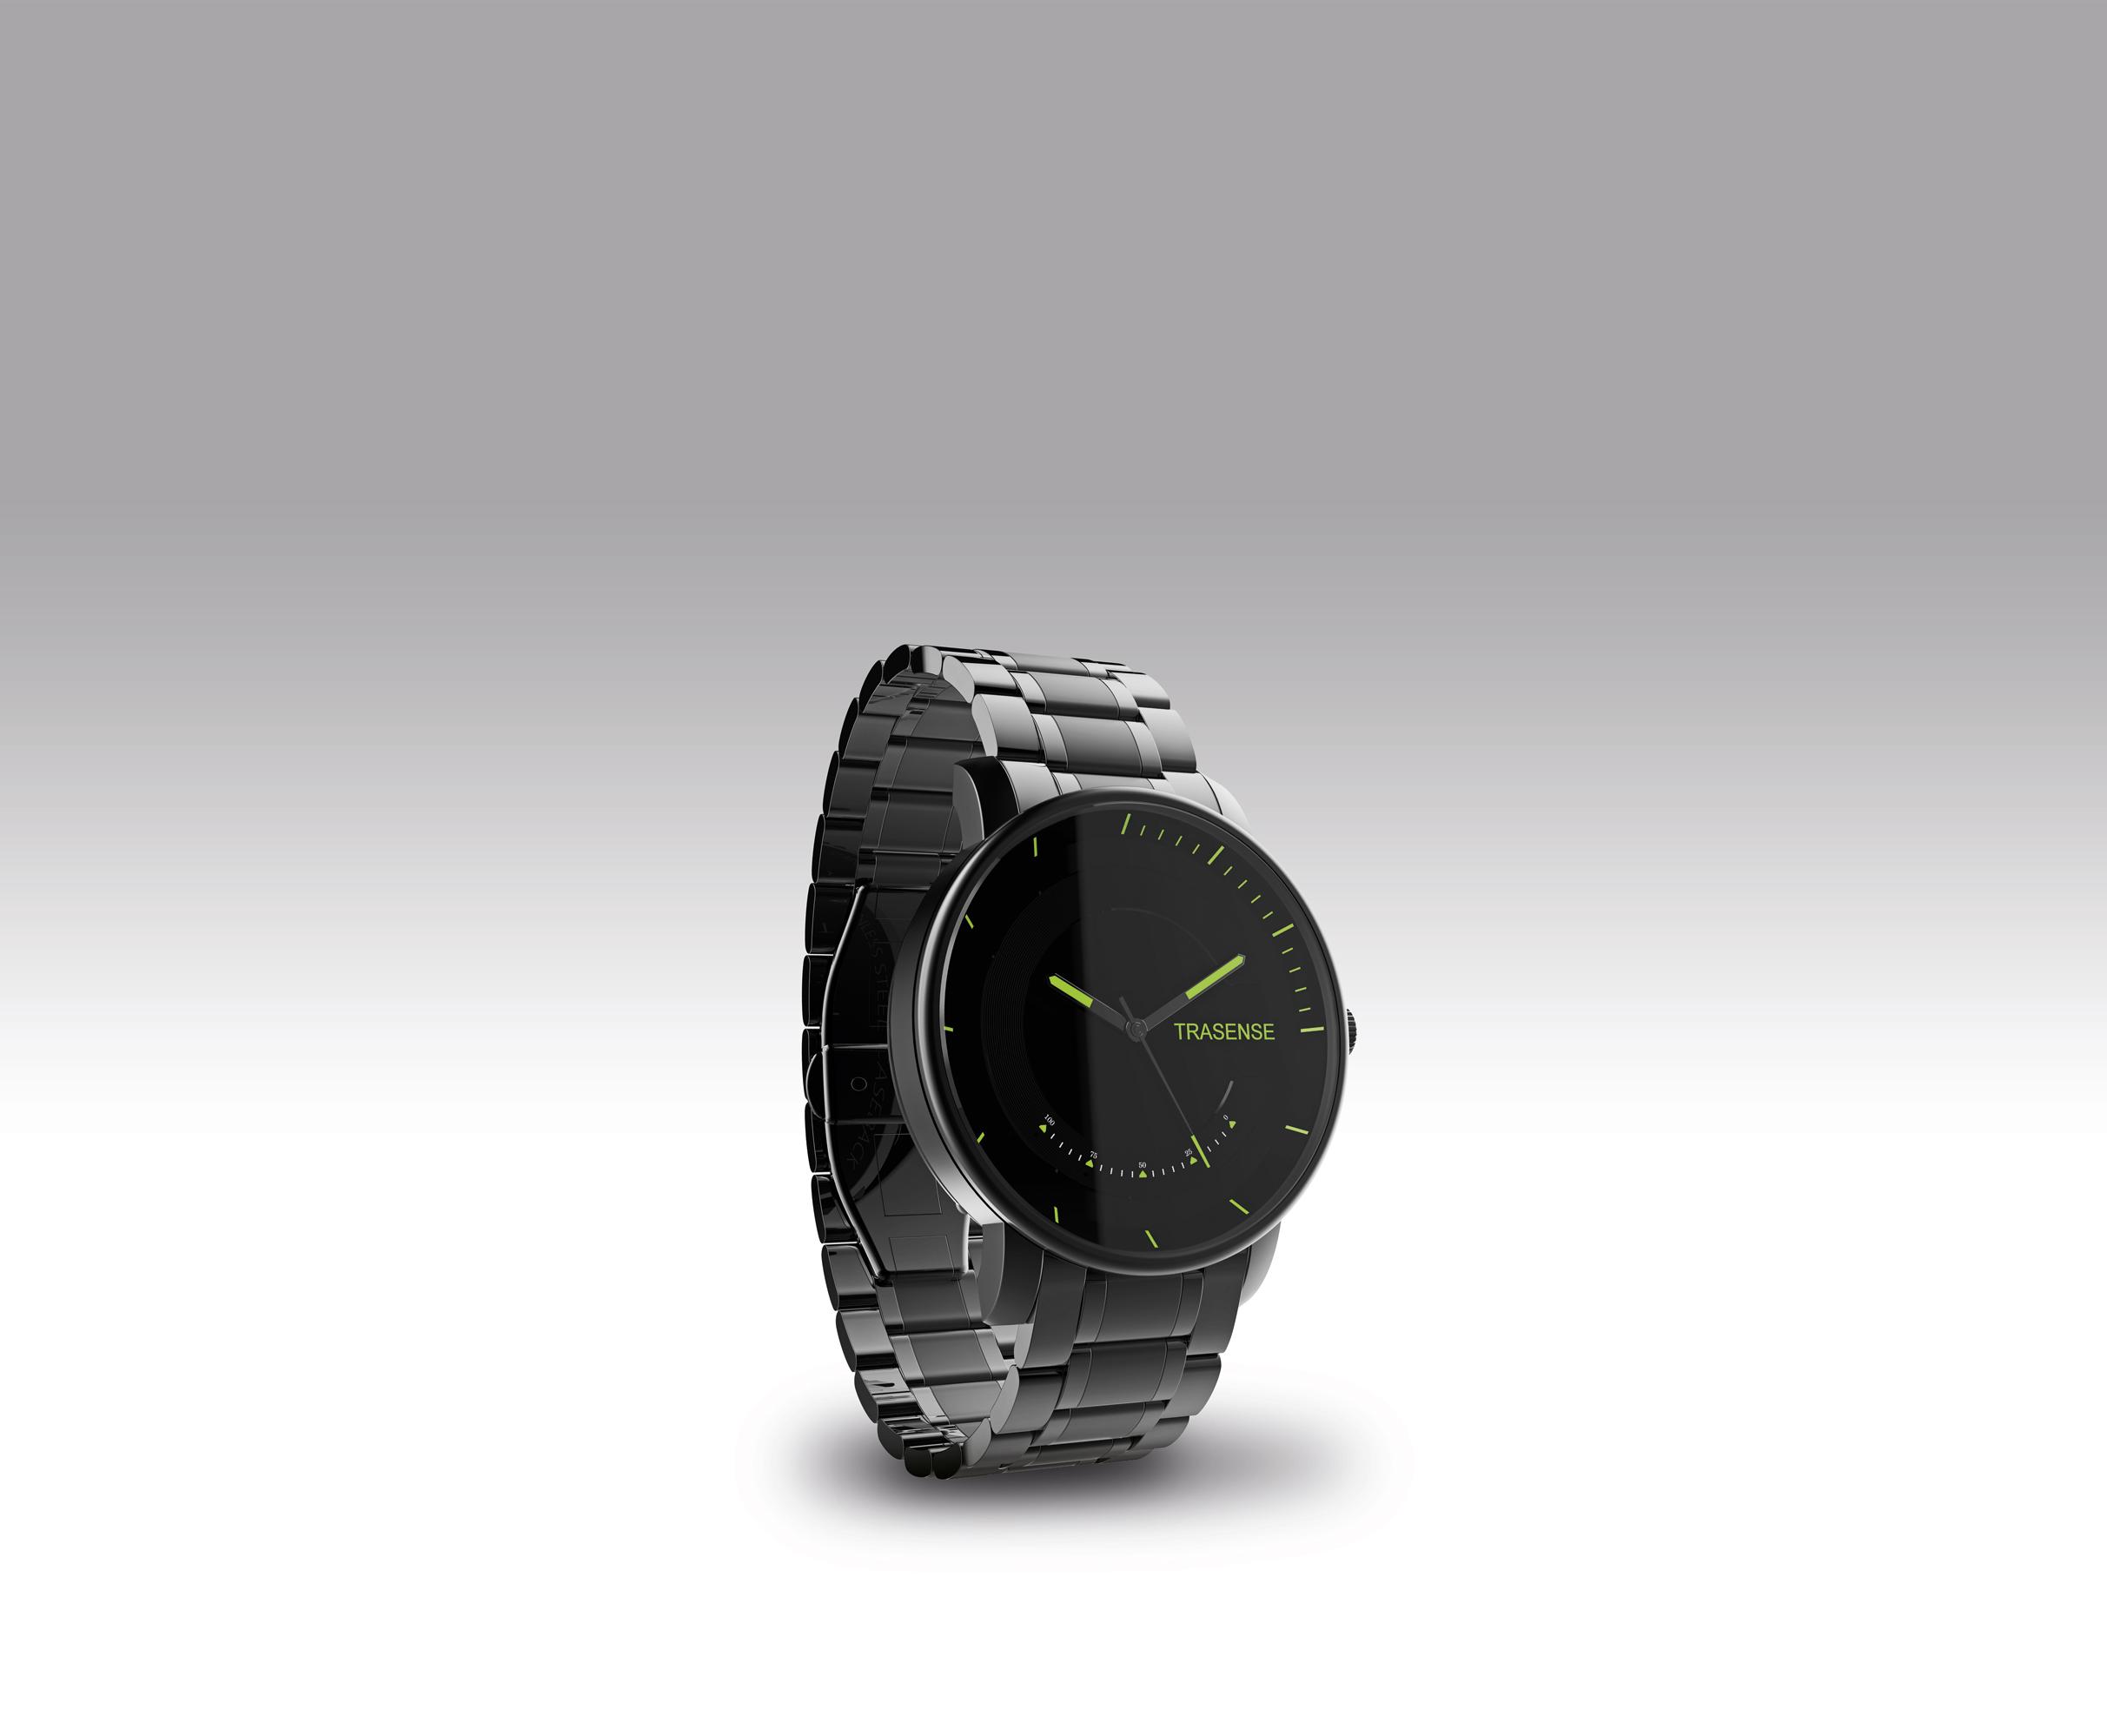 低功耗蓝牙智能运动手表配合iOS和安卓智能手机App记录距离